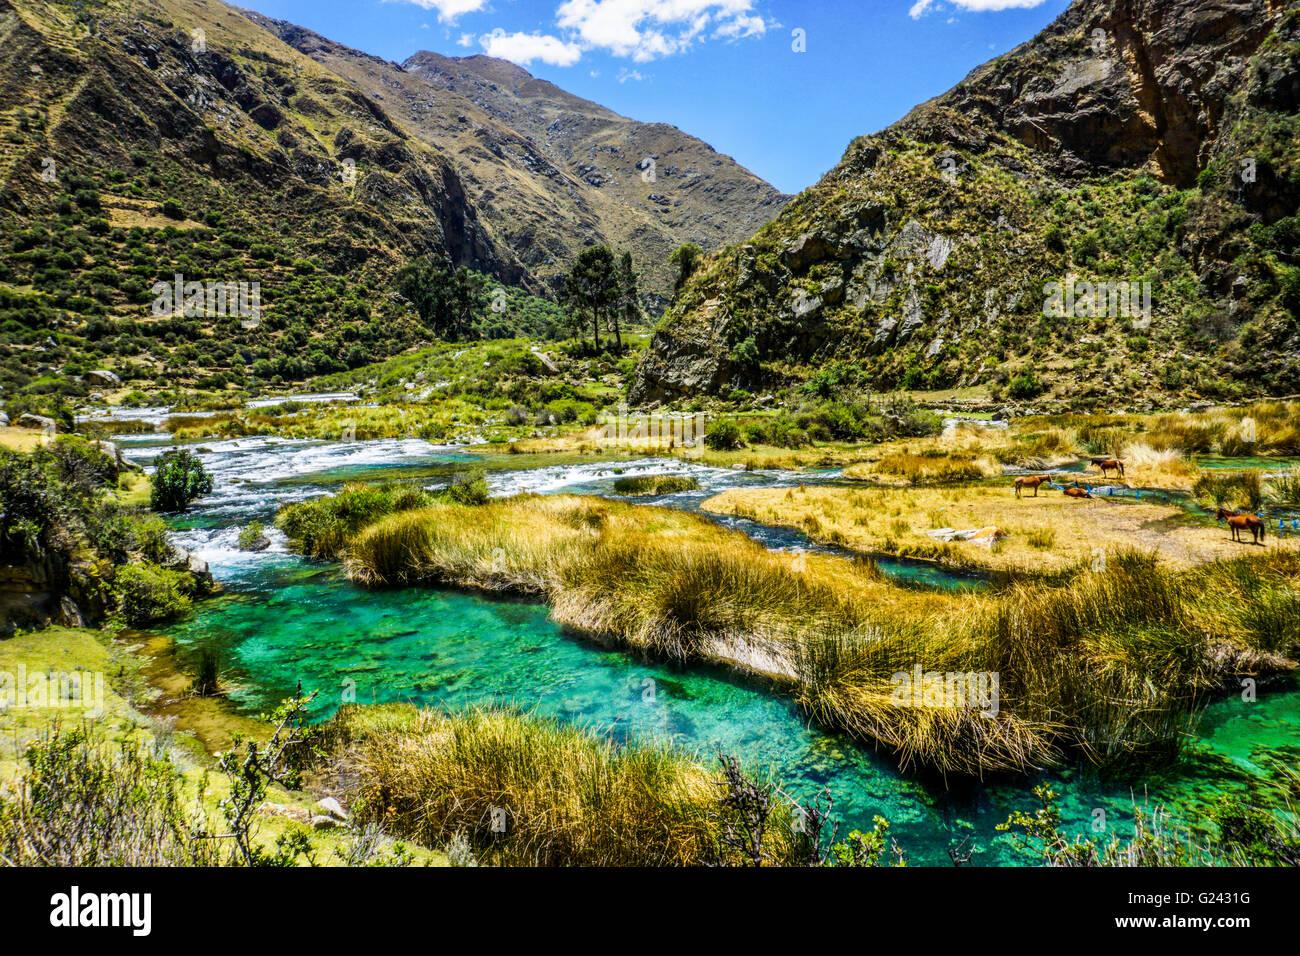 Paesaggi acquatici nelle Ande peruviane. Fotografato vicino a Huancayo, Perù Immagini Stock